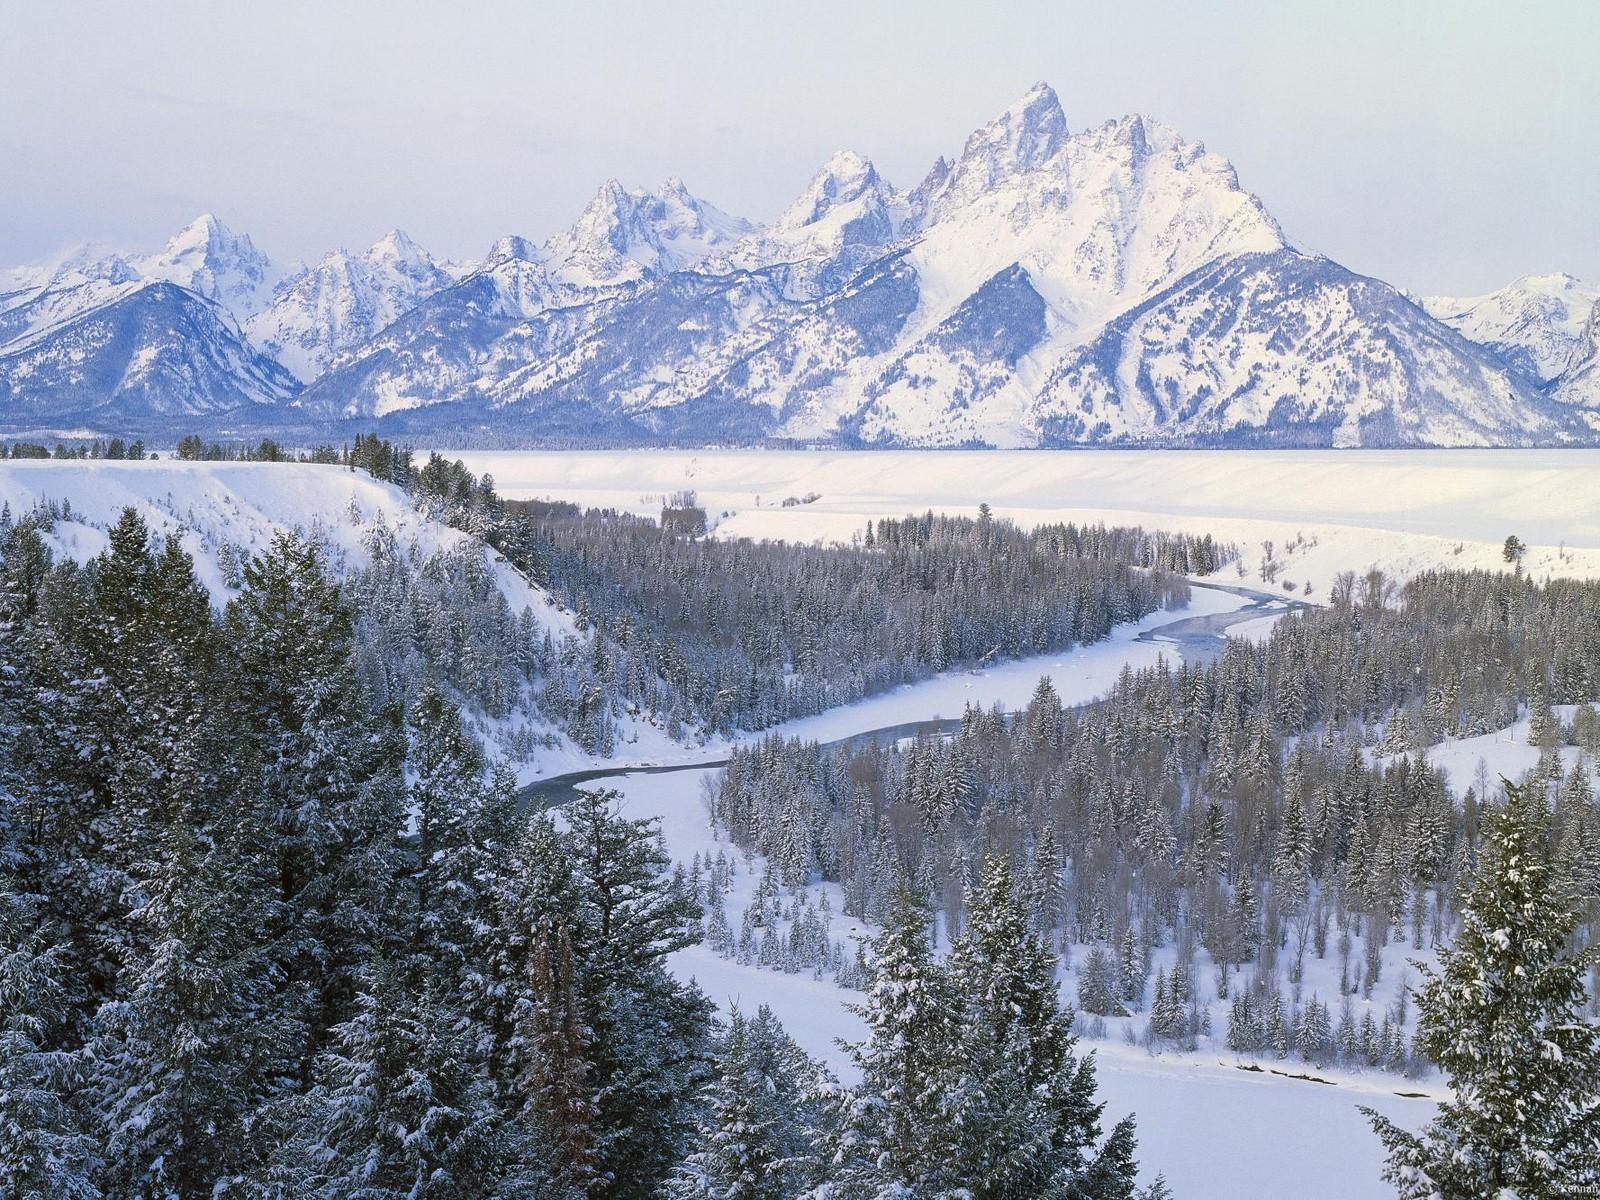 Скачать обои горы снег леса 1600x1200